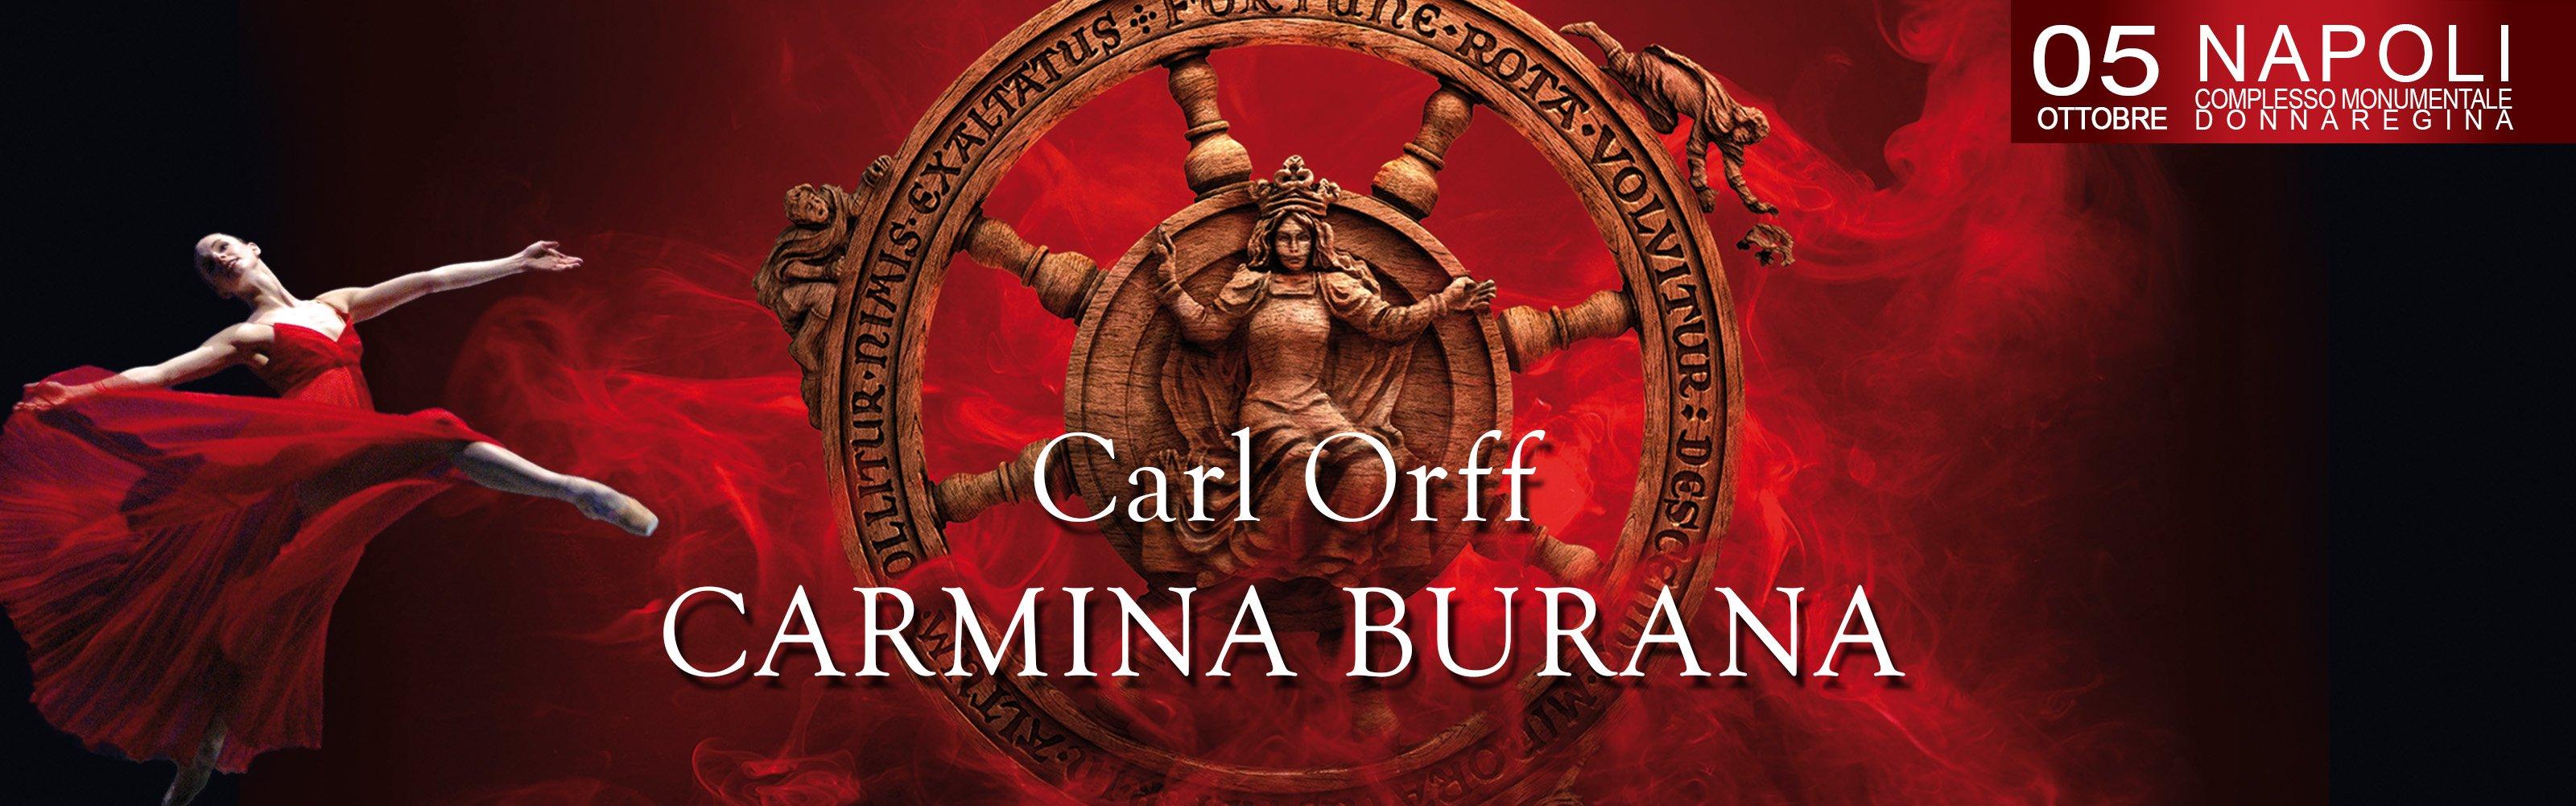 Carmina Burana Napoli